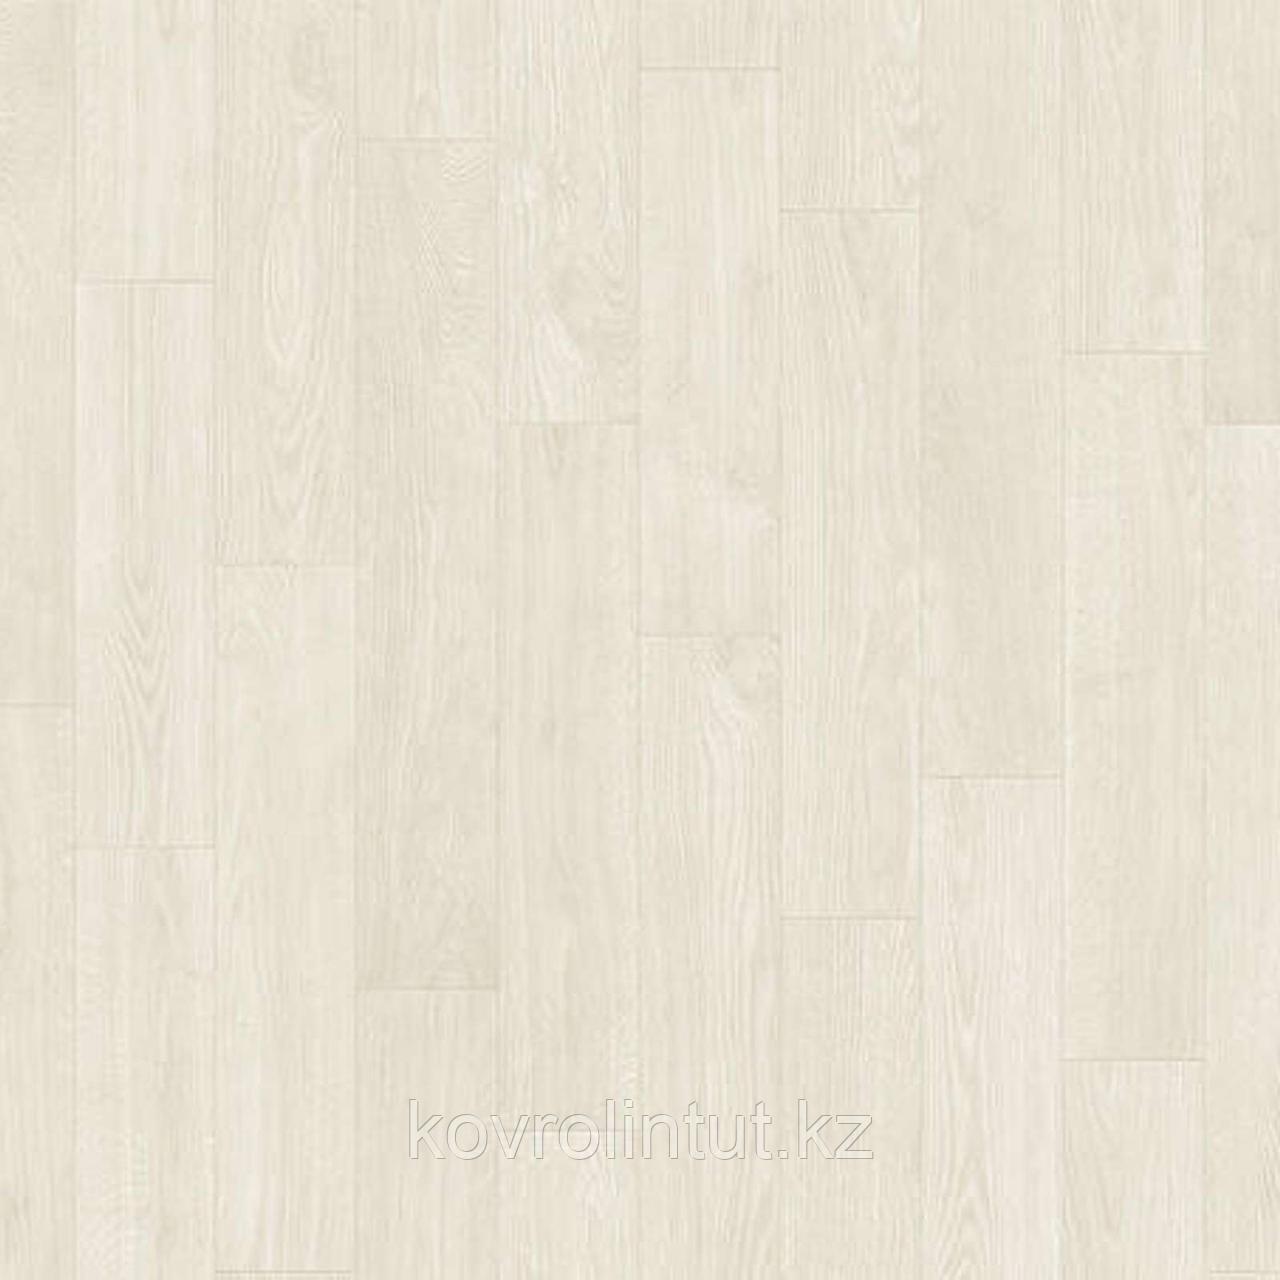 Линолеум Tarkett бытовой Caprice Gloriosa 1 3,5 м